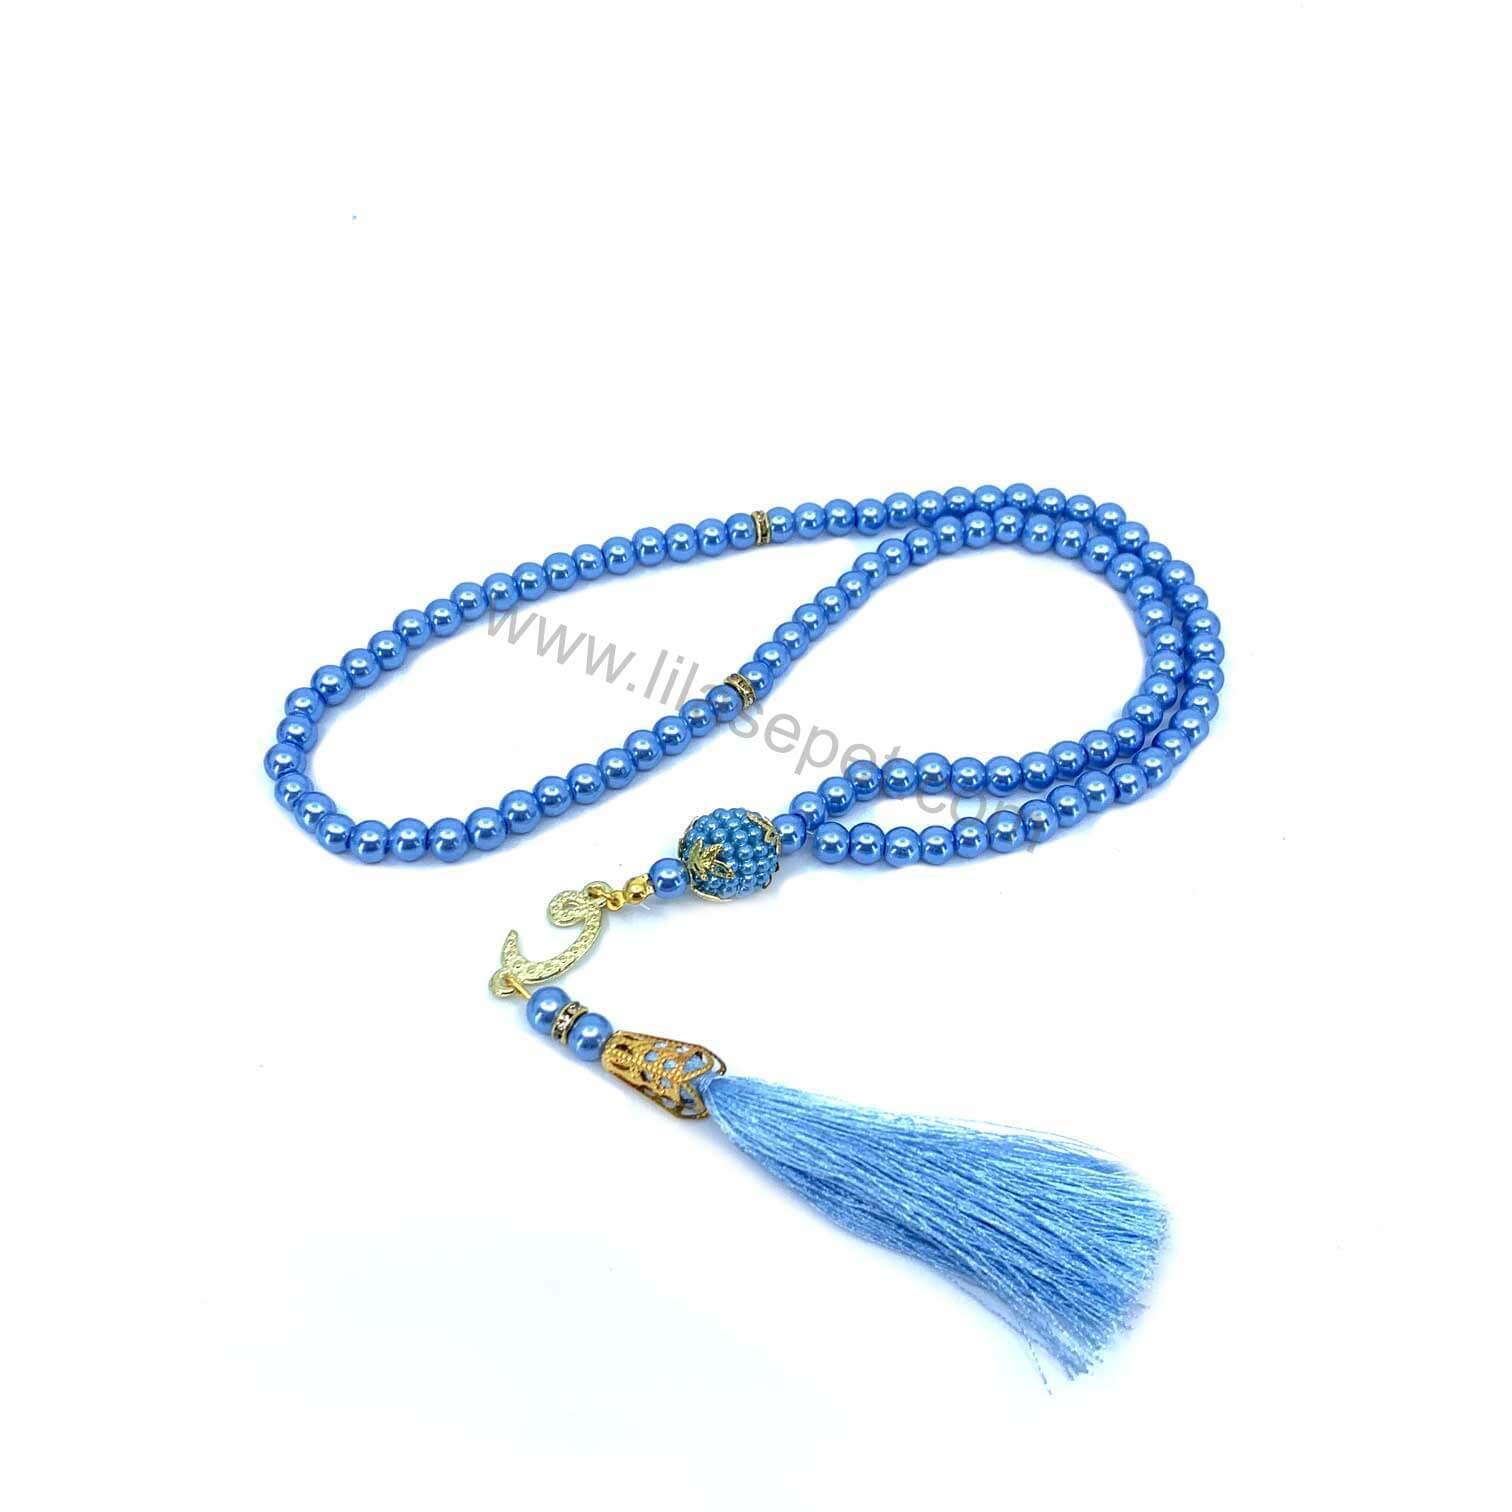 Ana Sayfa bebek mavi inci tesbih mevlut seti mevlid hediyelikleri